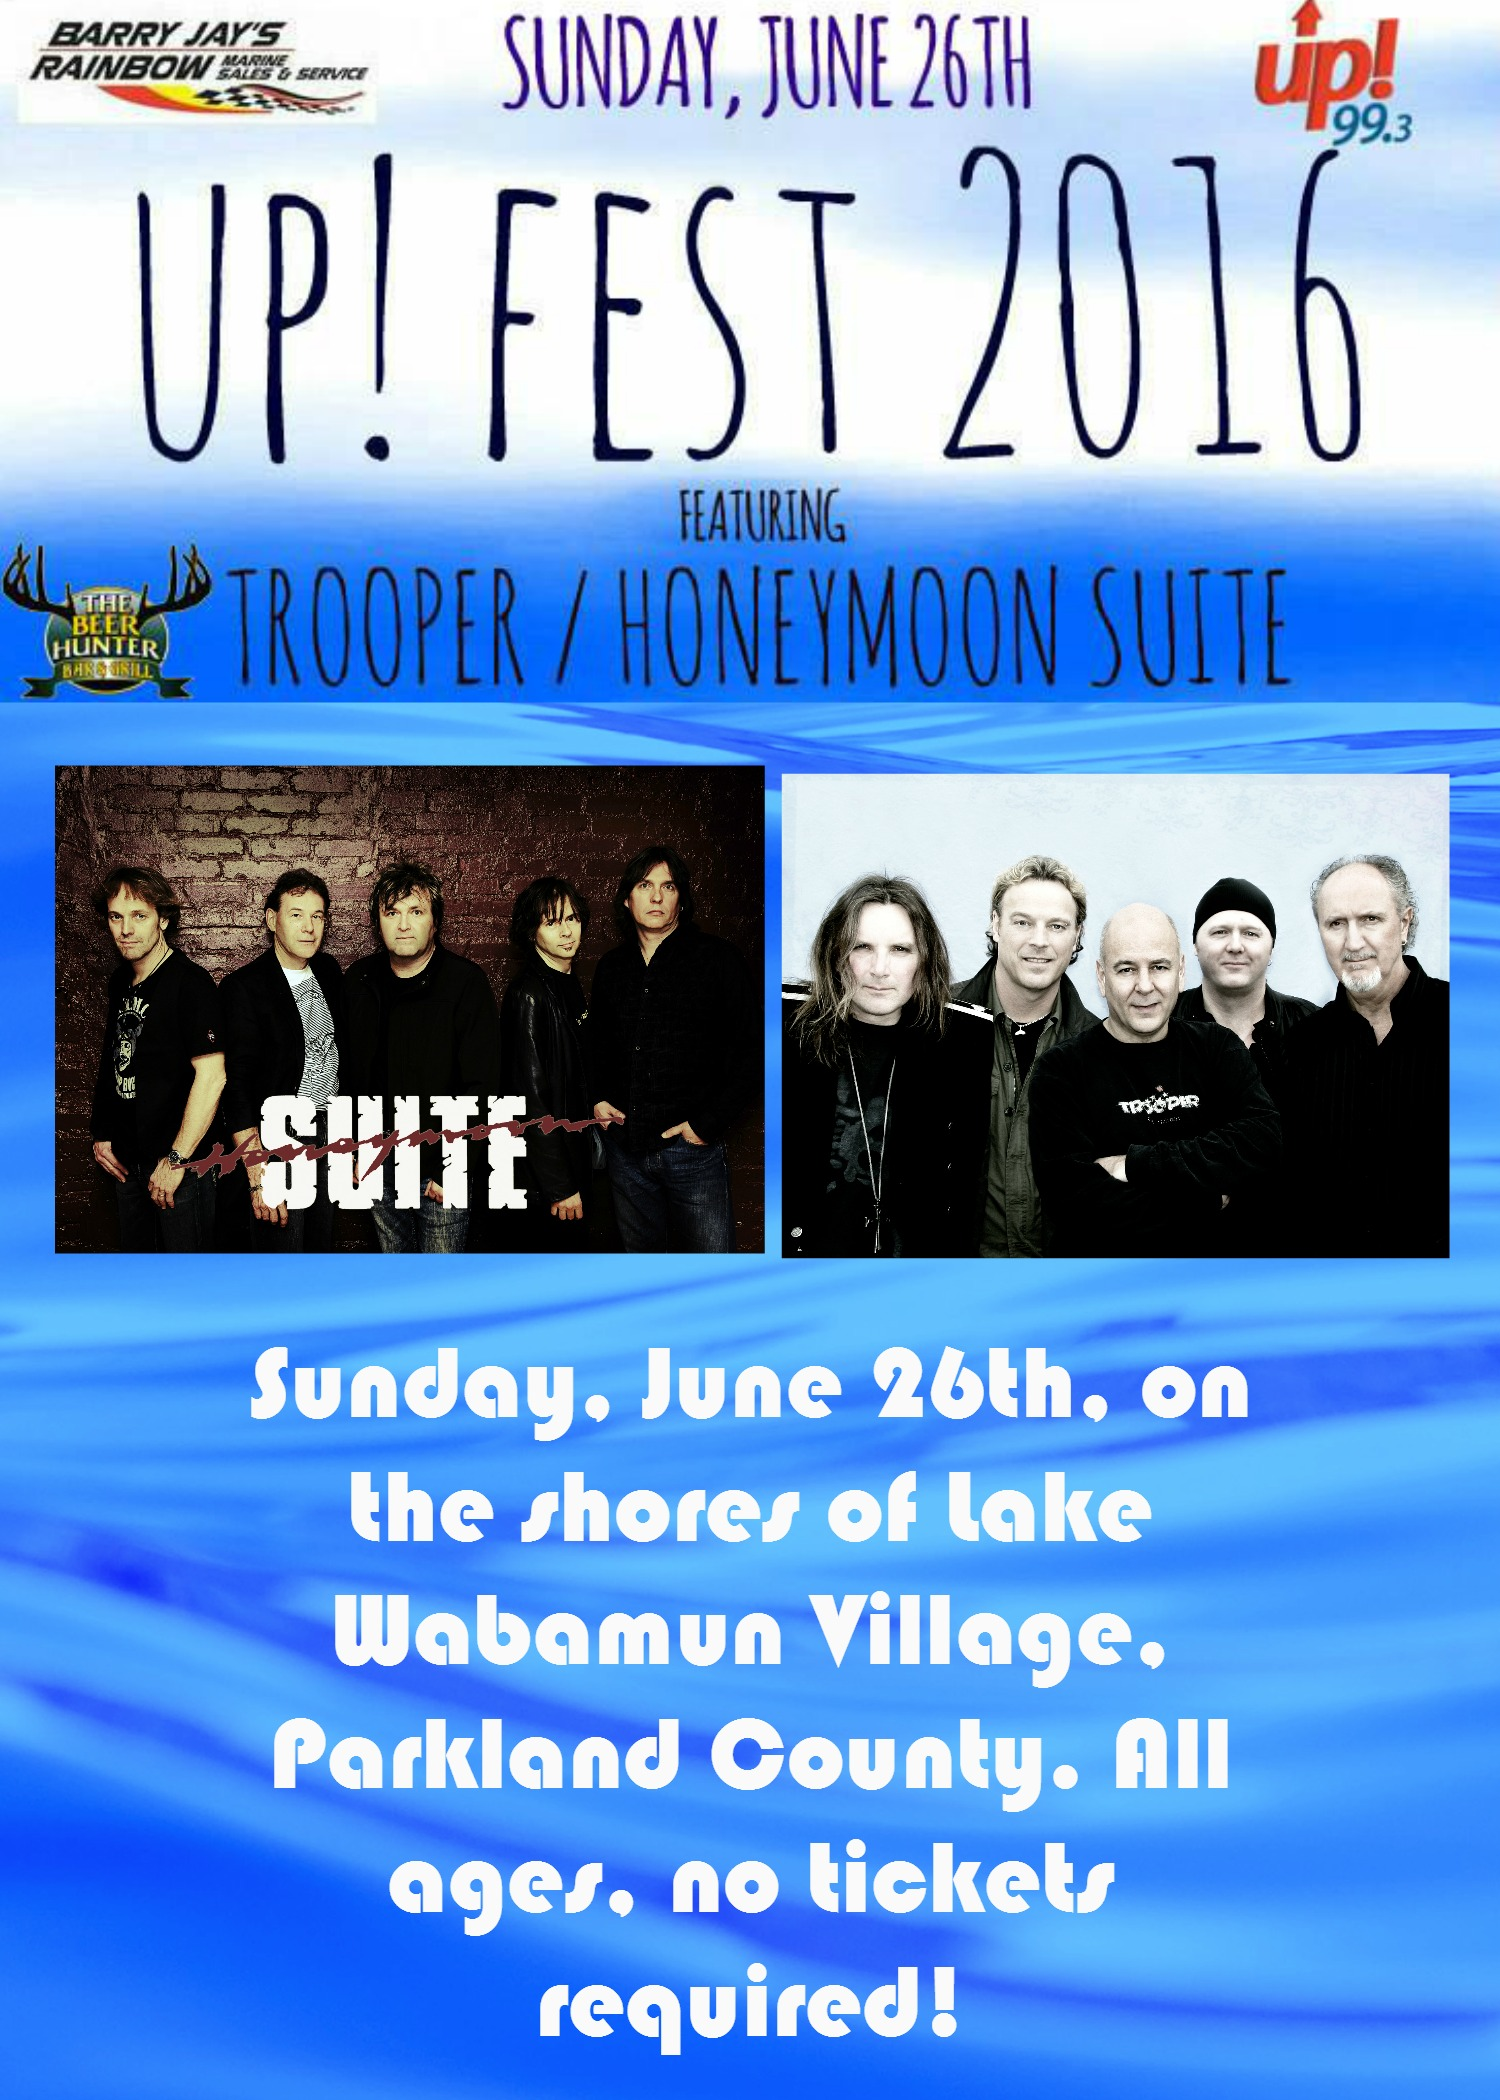 Up FEST 2016 Ft Trooper Honeymoon Suite